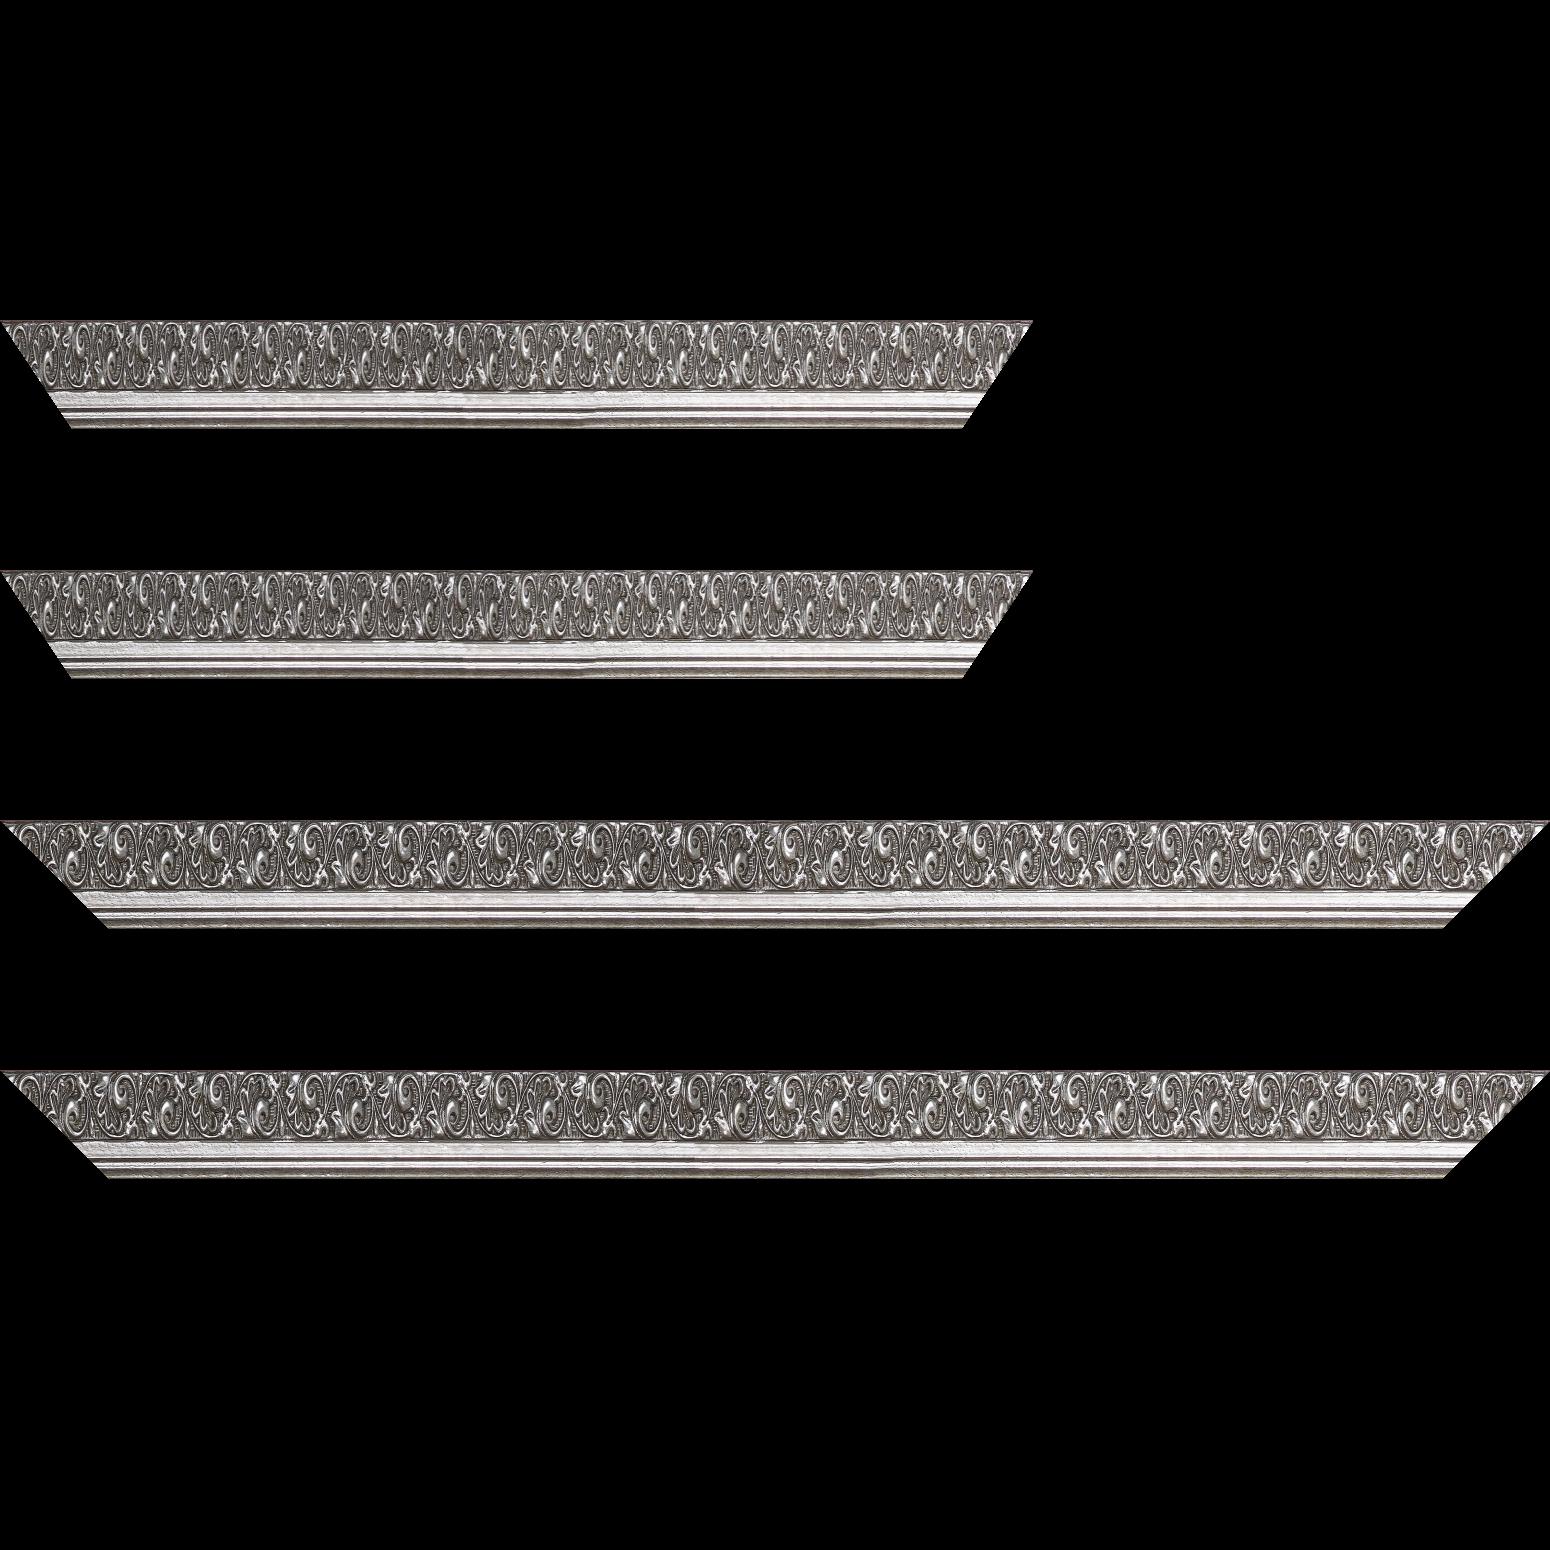 Baguette service précoupé Bois profil plat largeur 3.5cm argent froid antique satiné décor frise